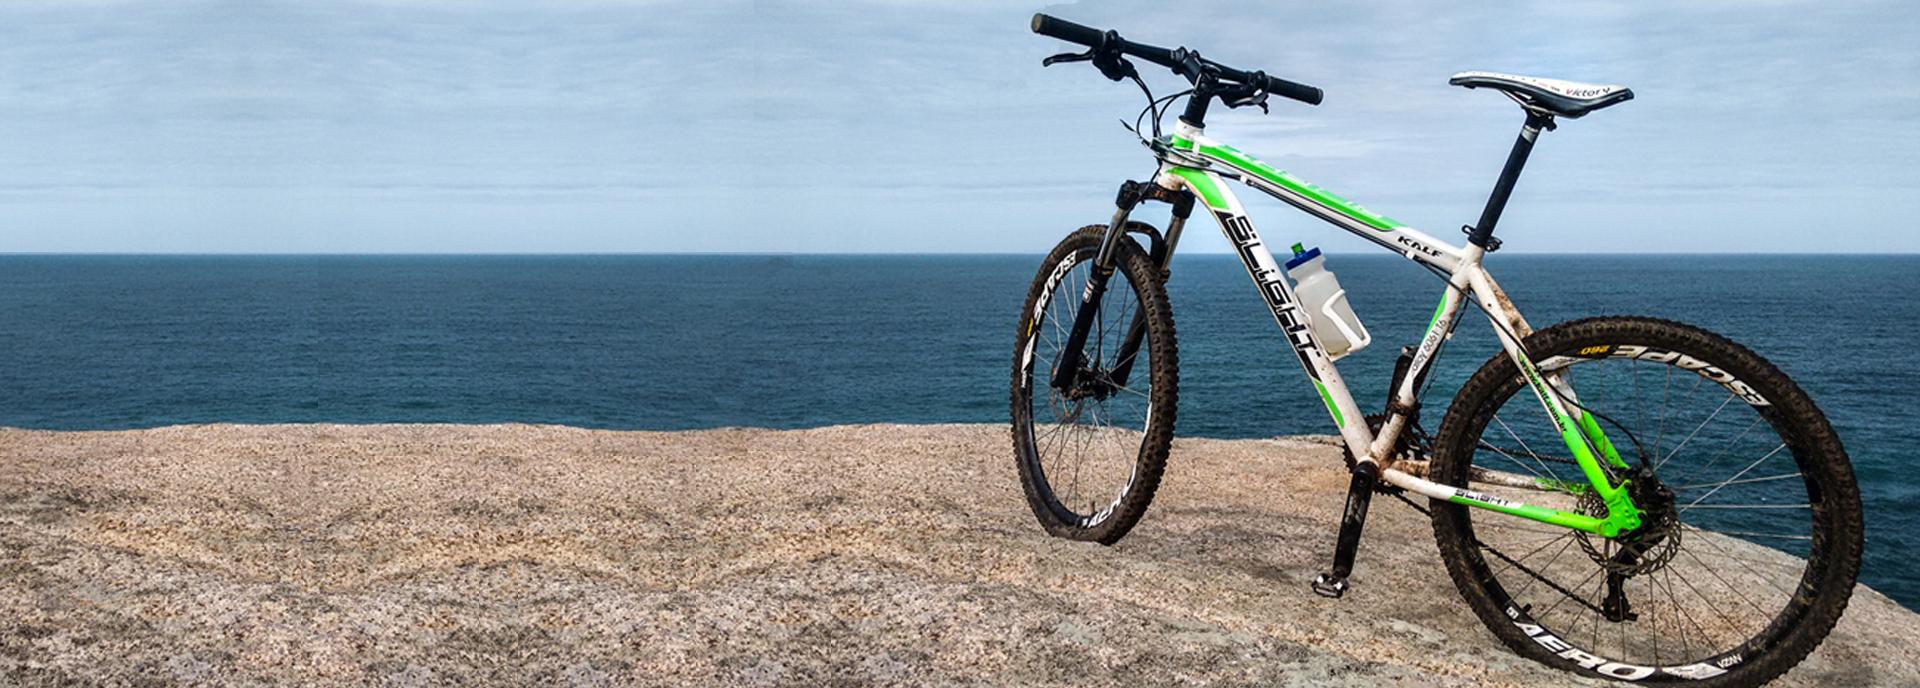 570e01d240 Quadros - Slight - Kalf - Peças para Bicicletas - Produtos - Industria  Brasileira